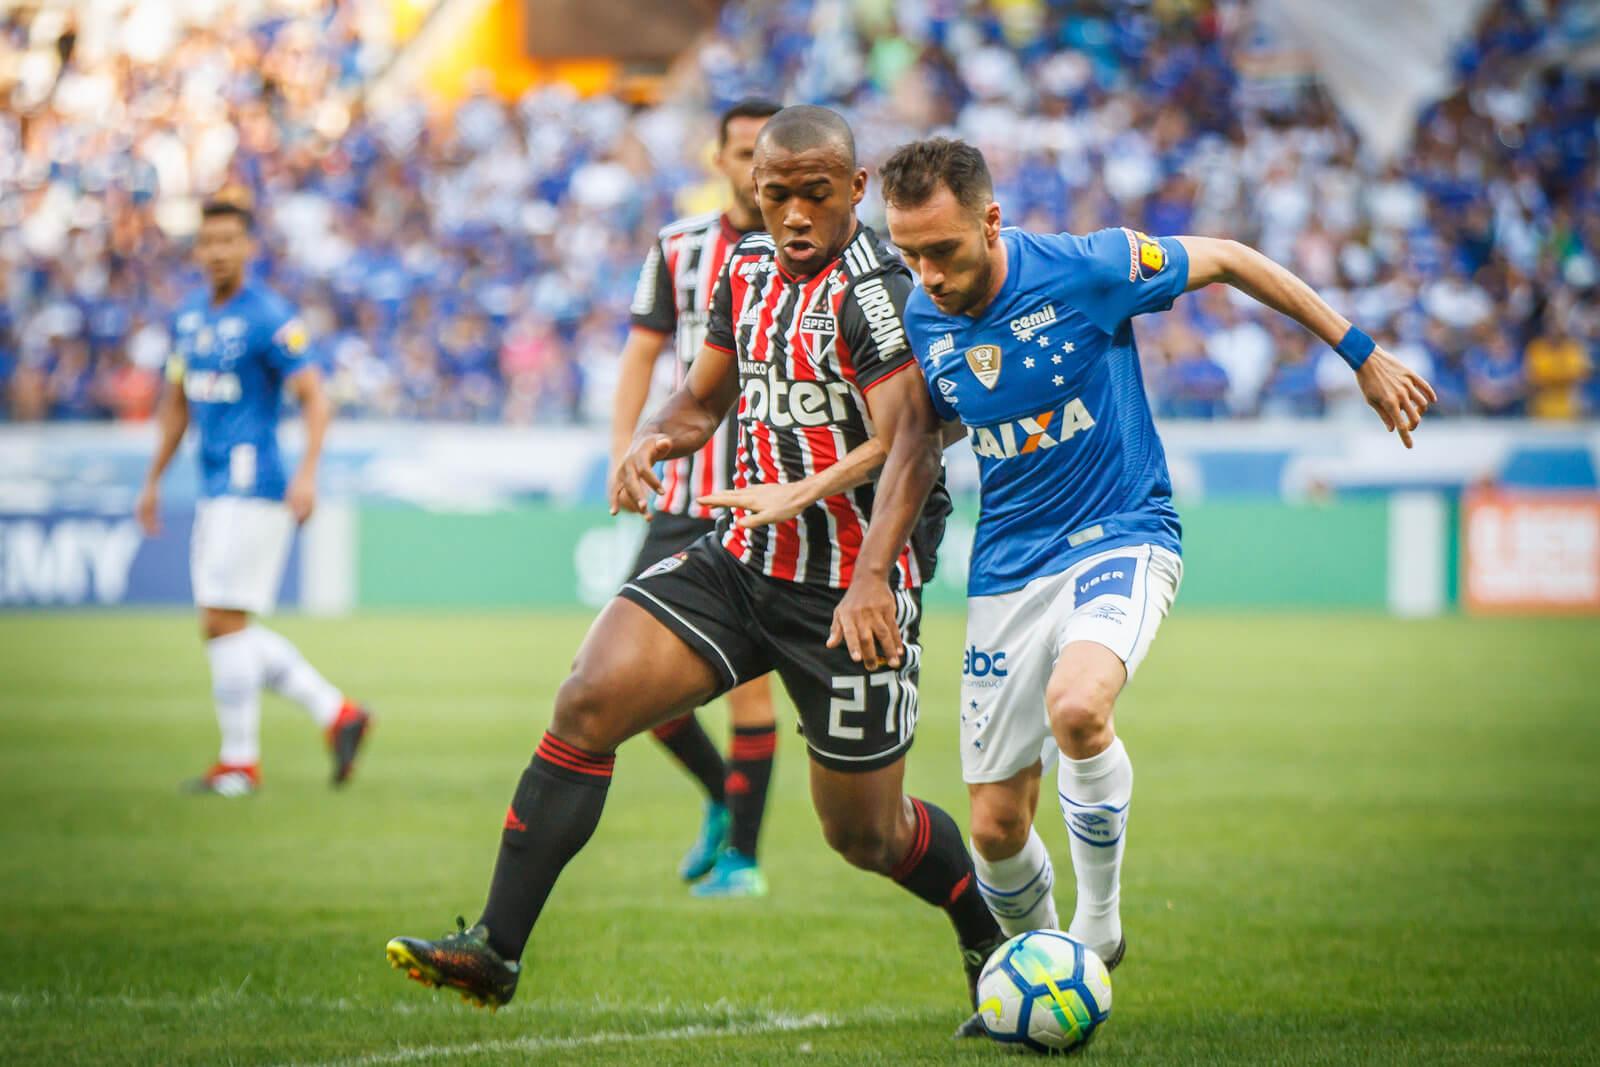 O Cruzeiro de Mano Menezes teve muitos problemas na criação e na transição defensiva.